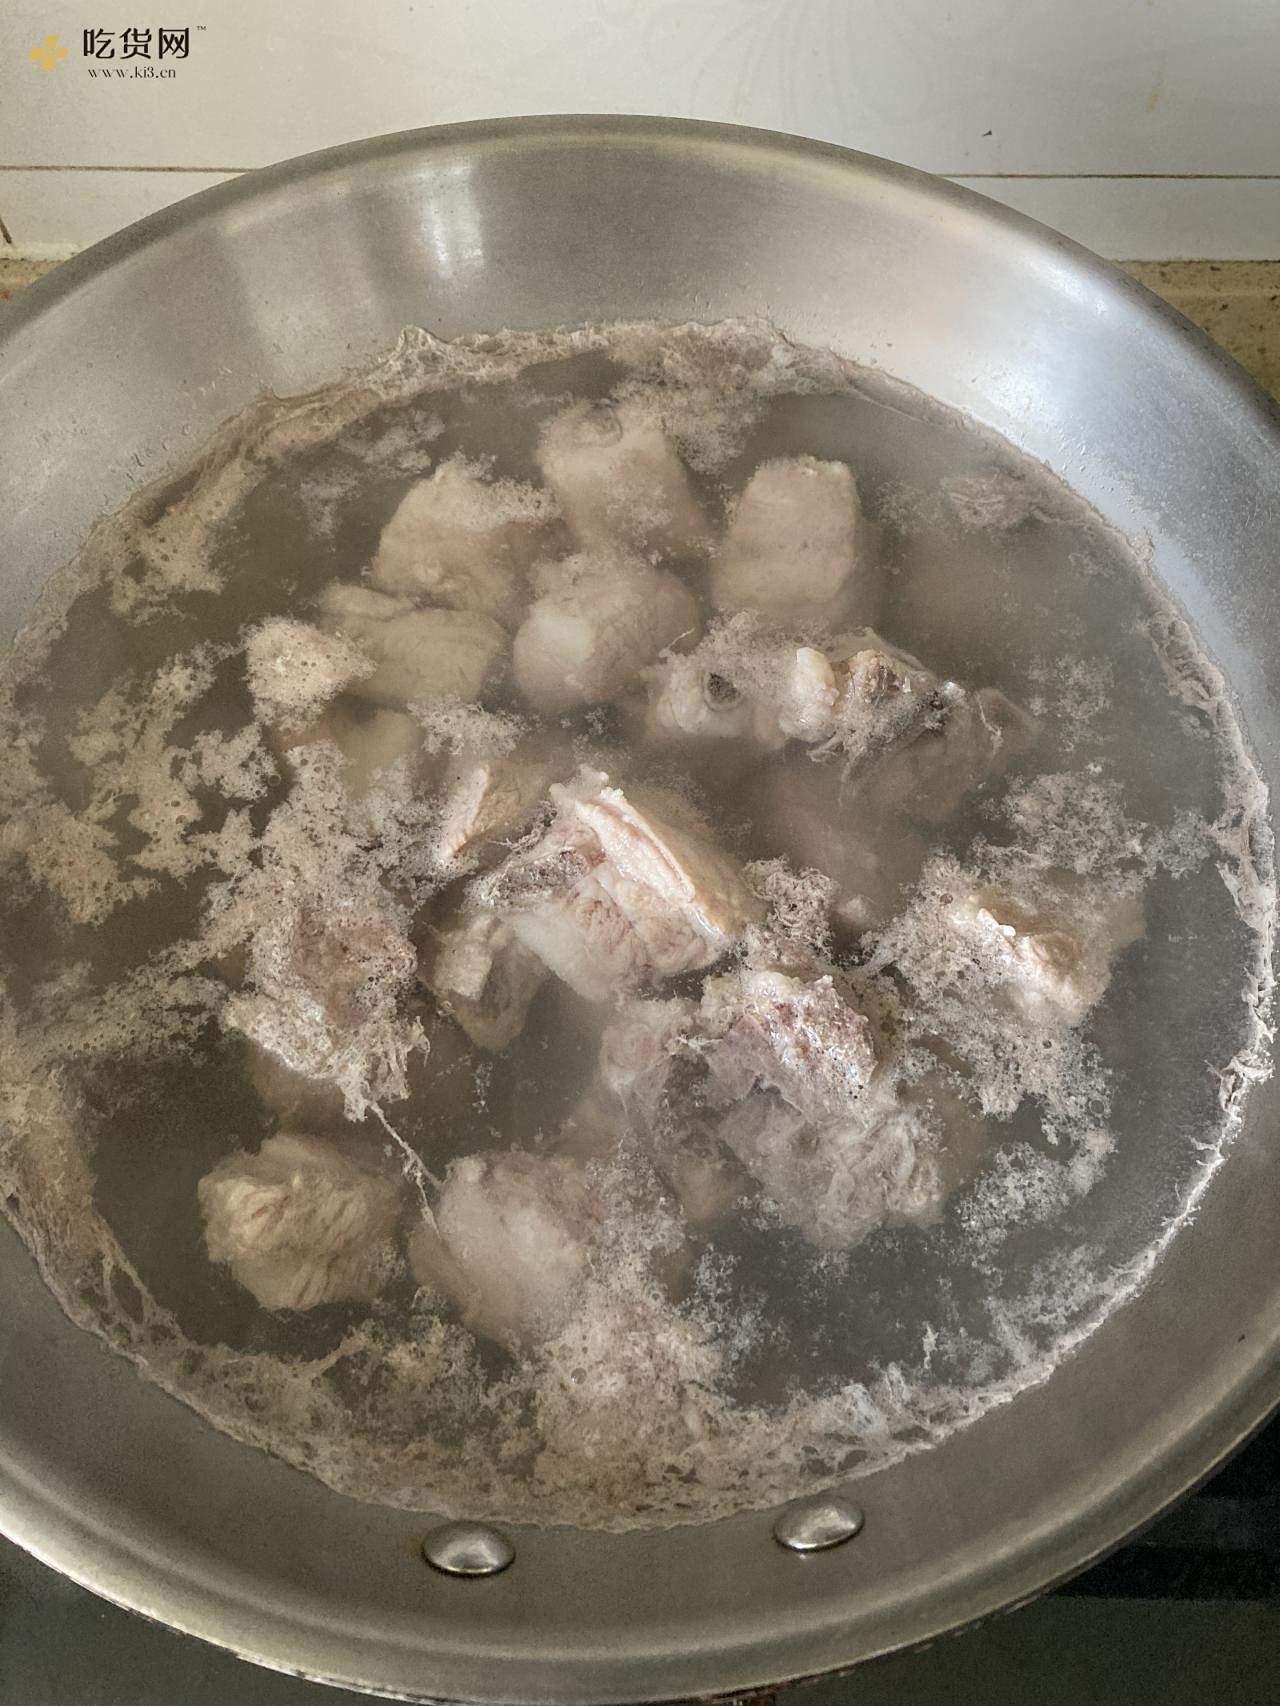 简单易做的红烧糖醋排骨的做法 步骤1